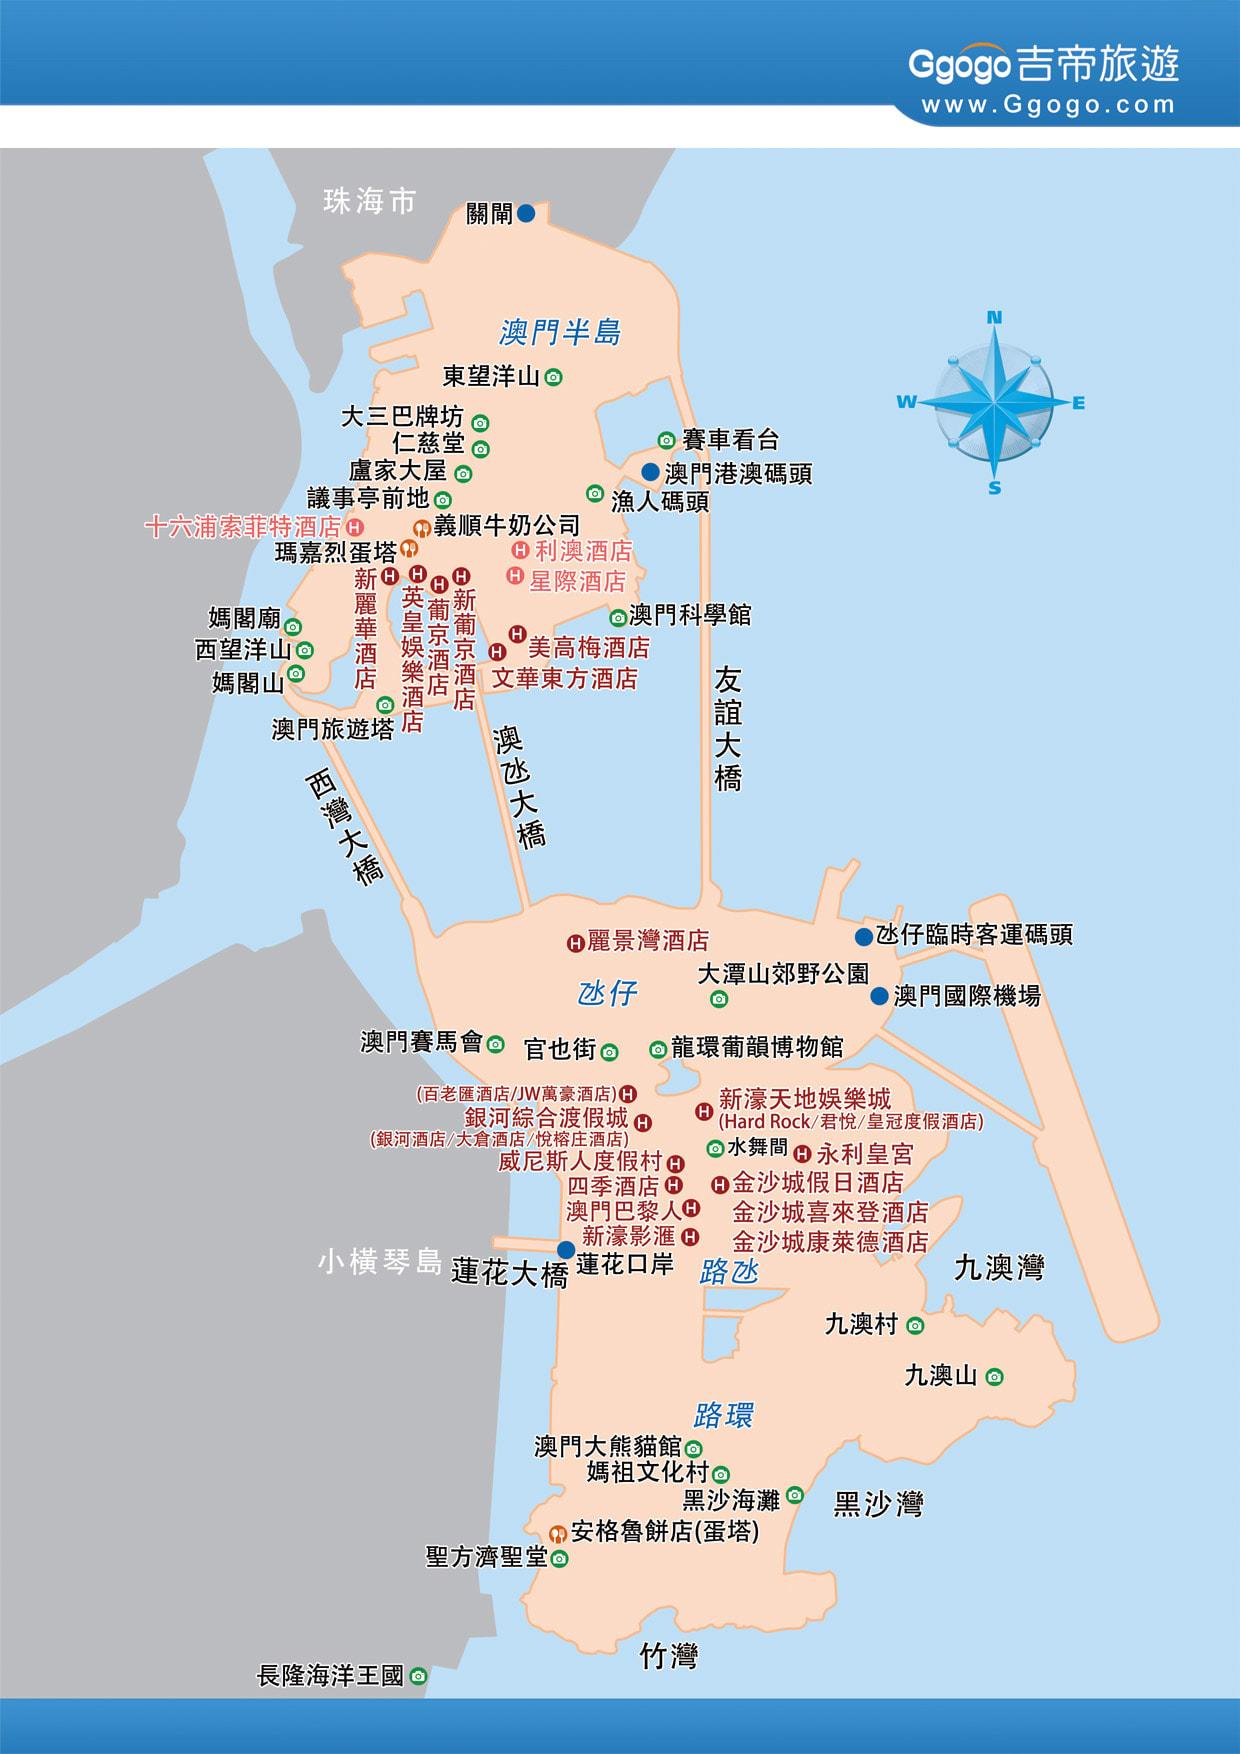 ▲ 澳門旅遊地圖(資料來源:吉帝旅遊)